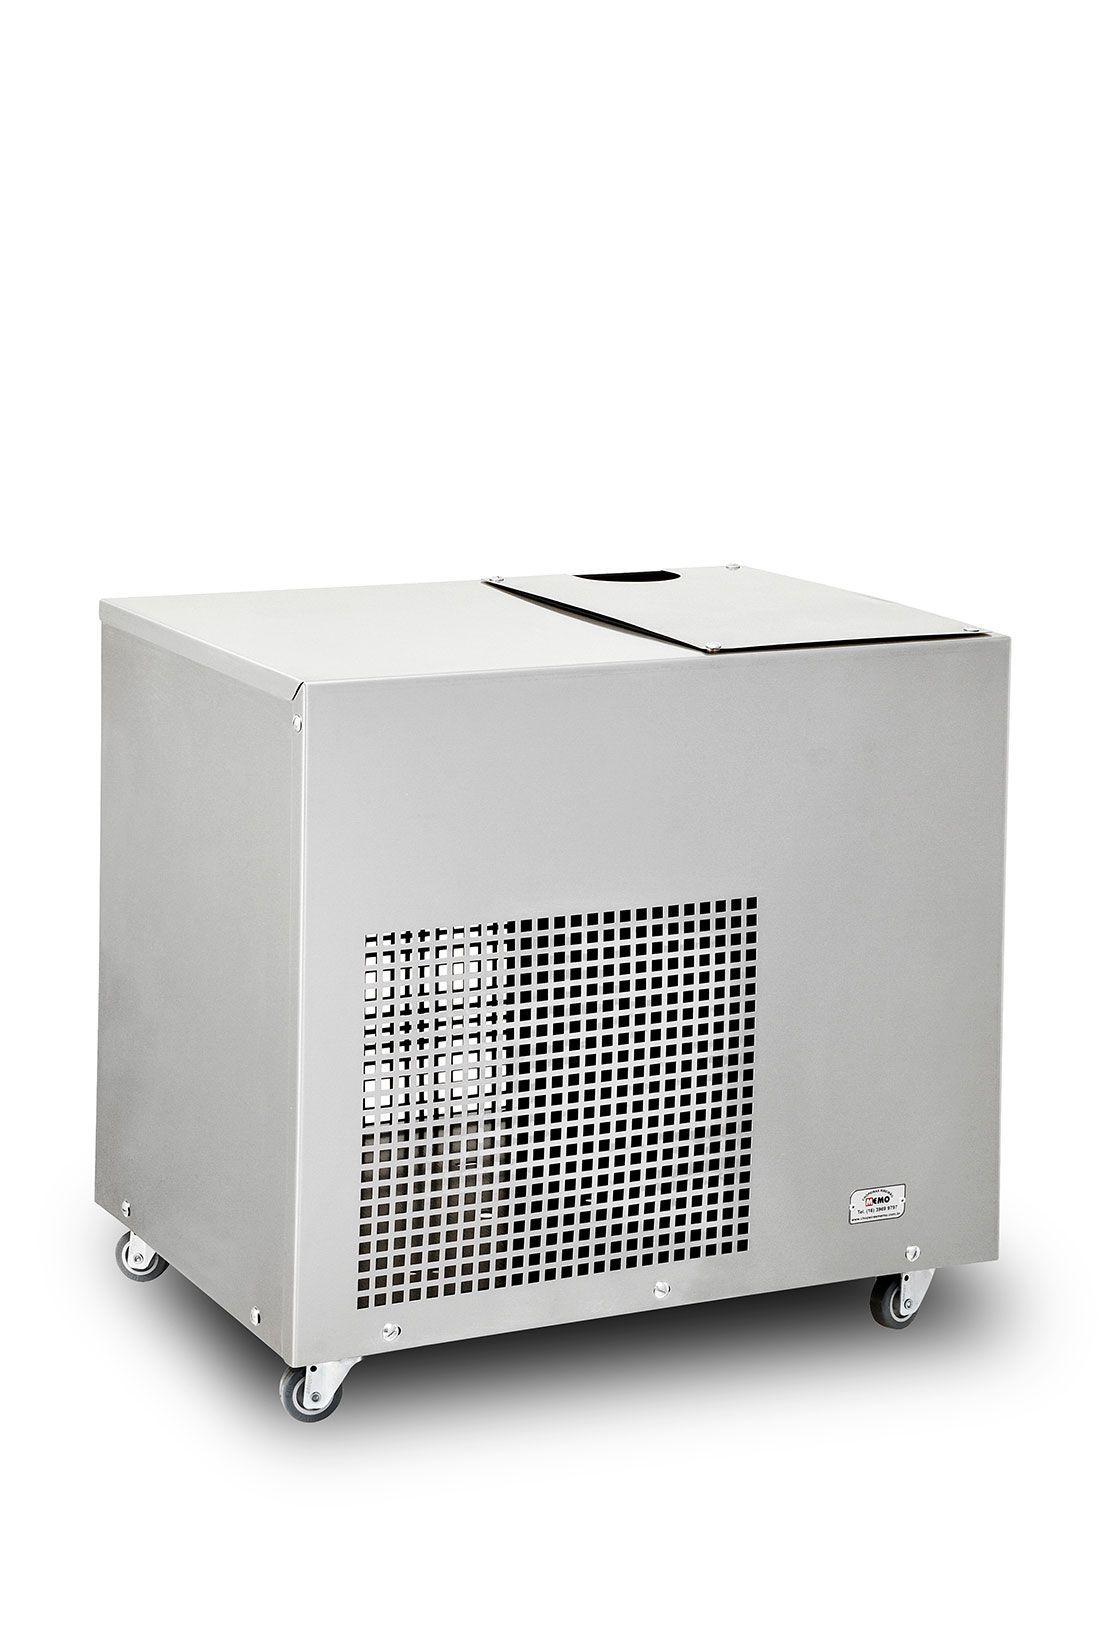 Torre Naja Plus Congelada Memo com pré-resfriador Advantage Híbrido - 1Torneira Italiana